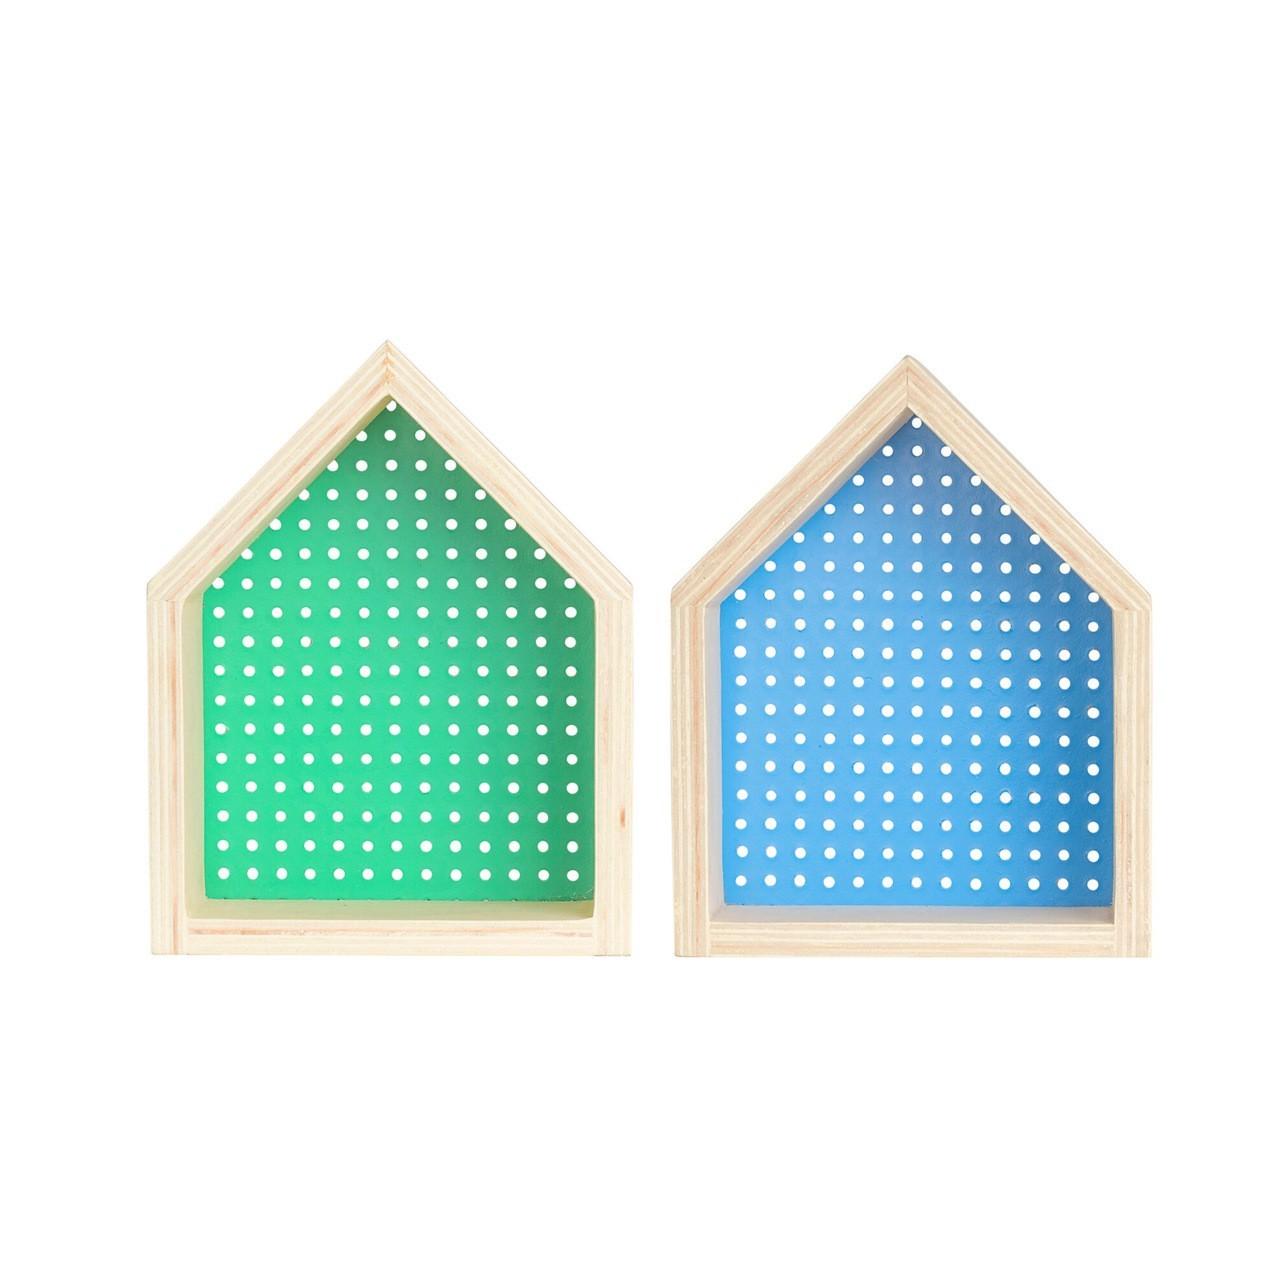 Kit Nicho Casinha perfurado  decoração 26 x 10 x 20 cm cor verde e azul